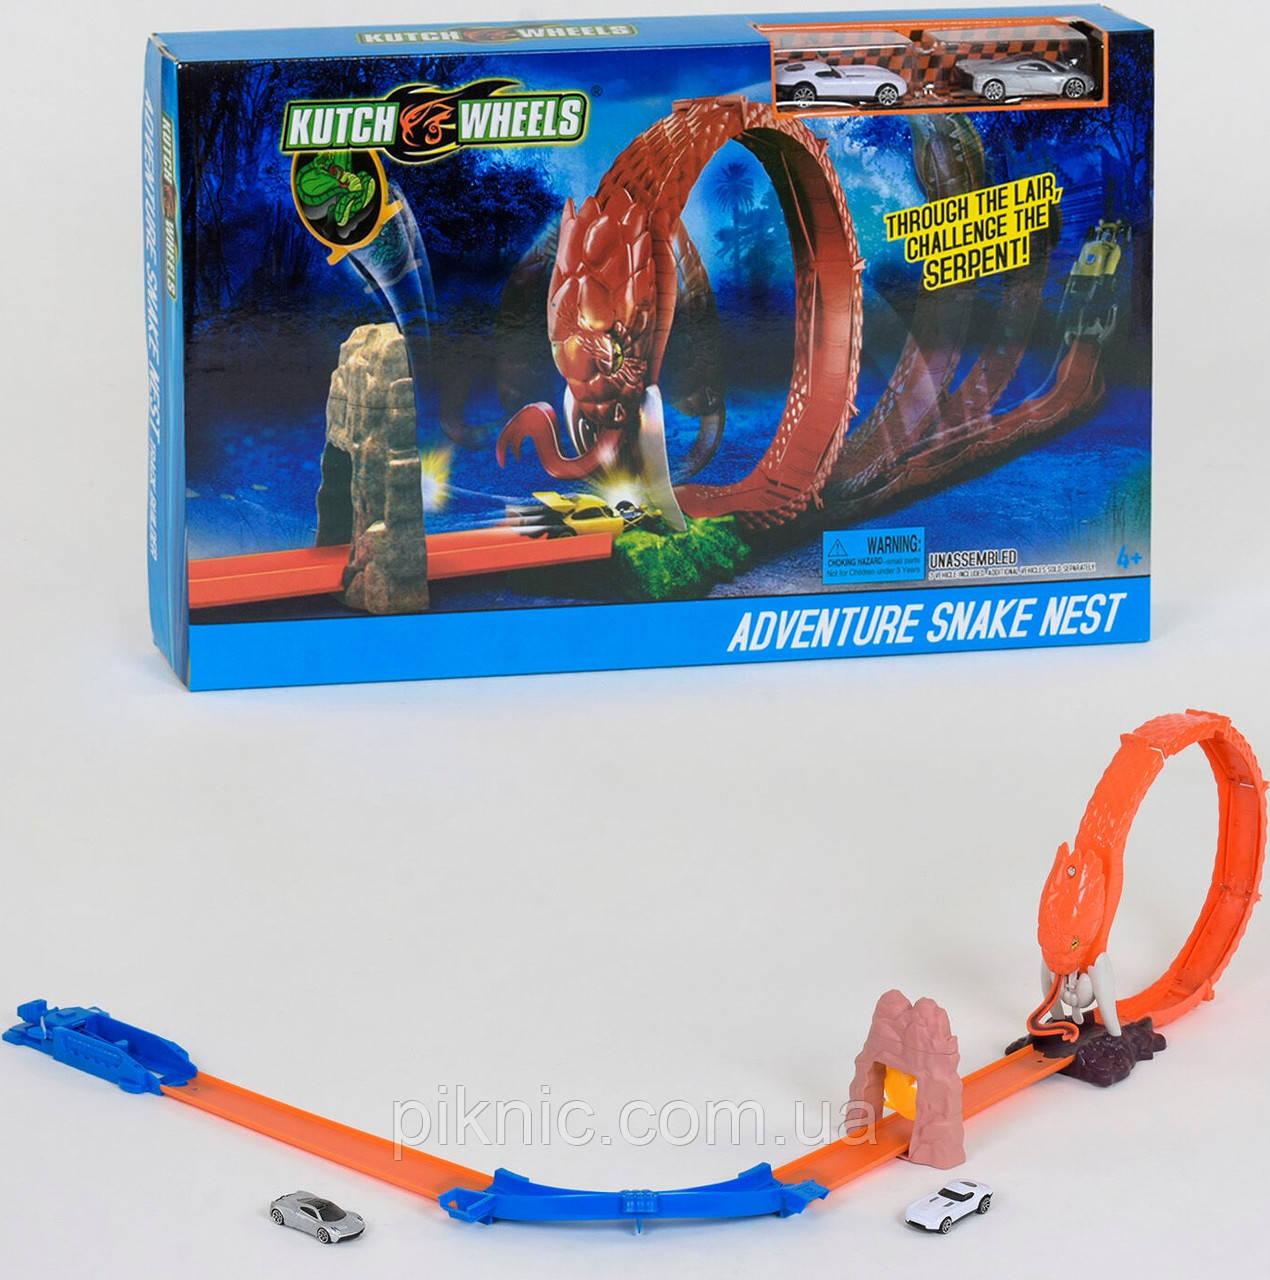 Автотрек Змея для детей. Детский авто трек гоночный с машинками